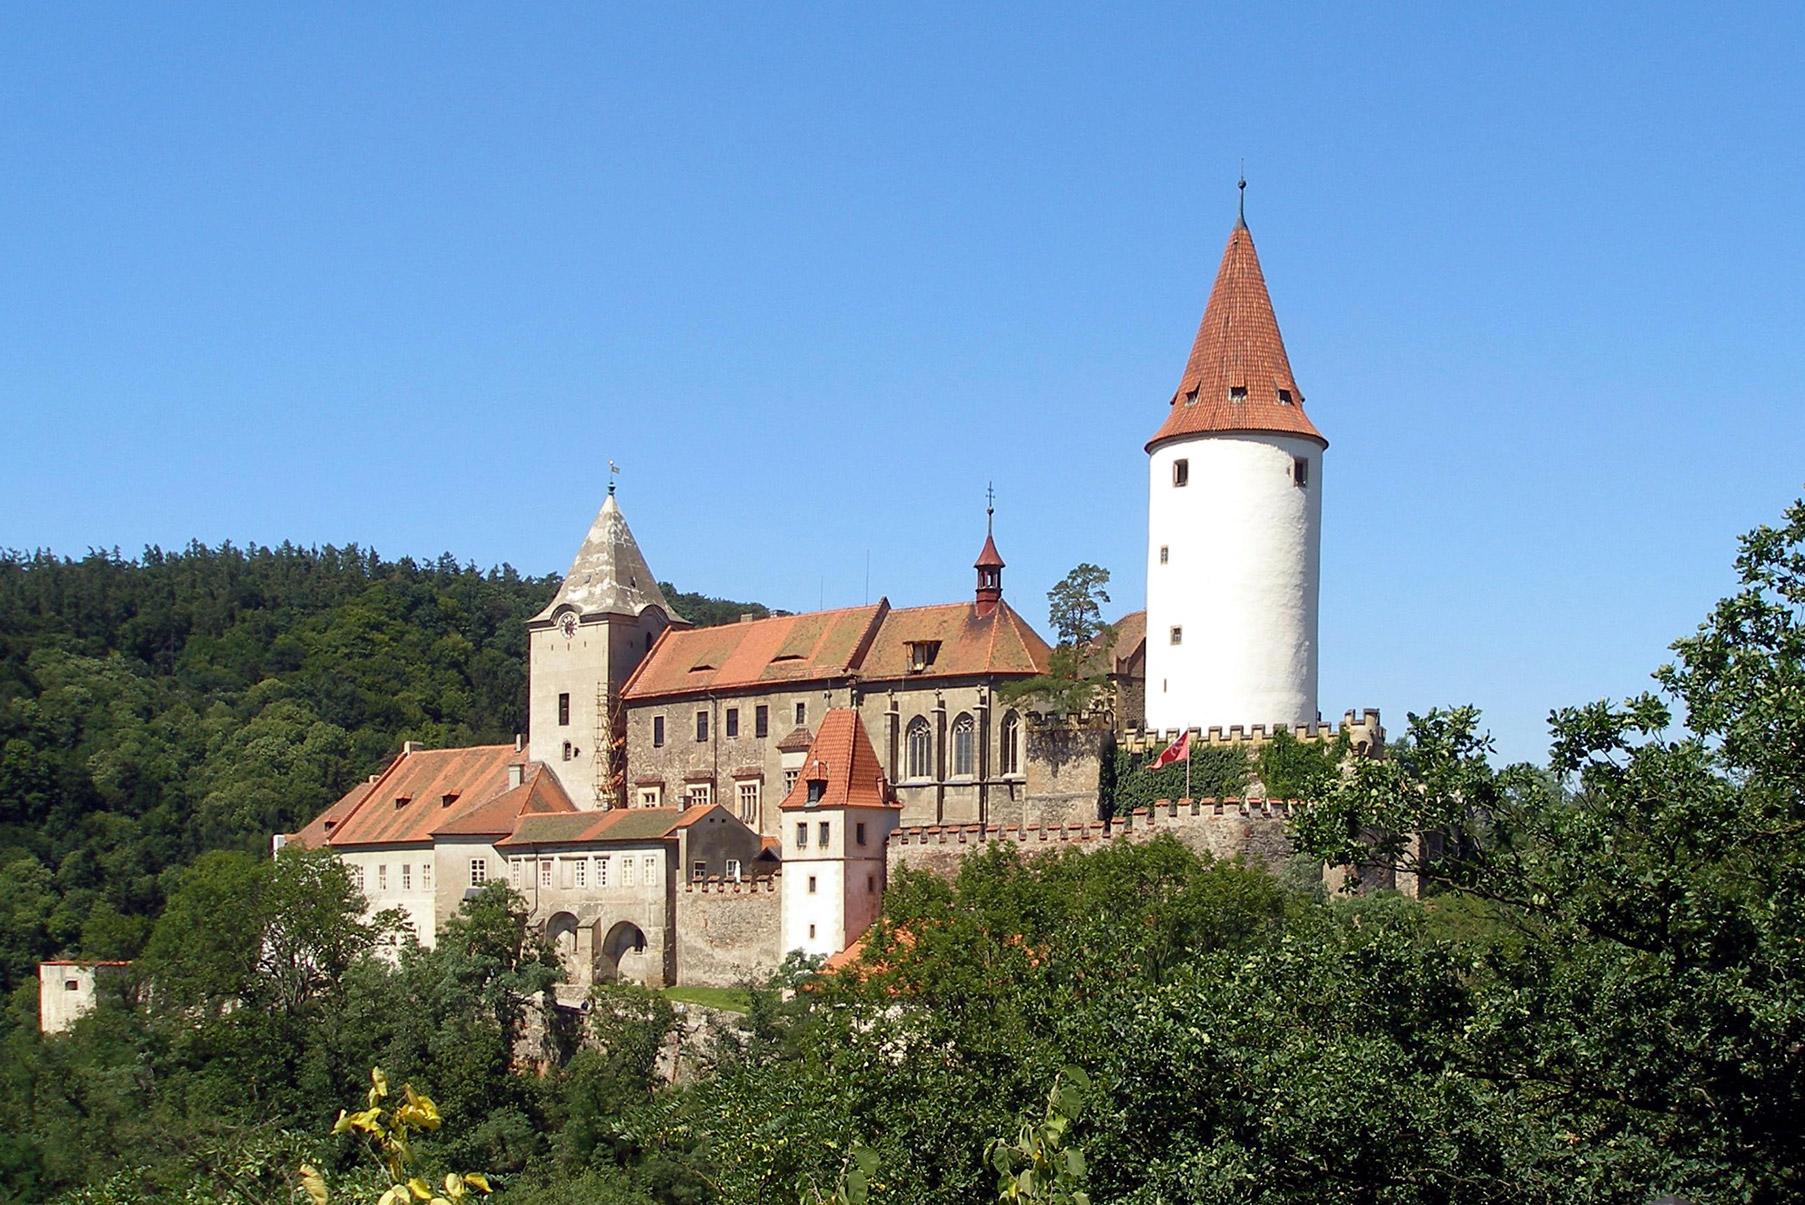 Křivoklát castle